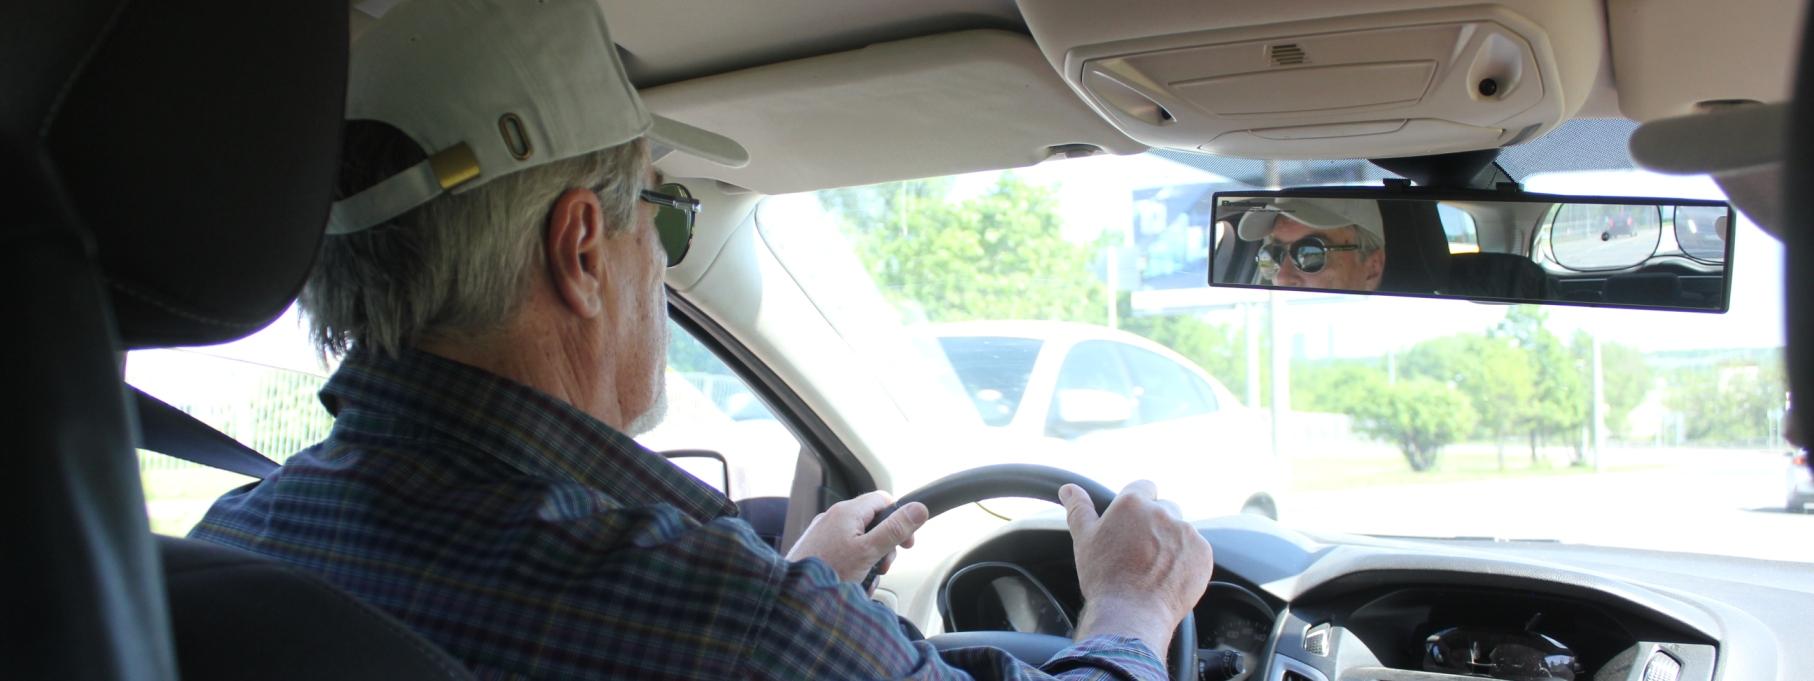 Безопасного вождения